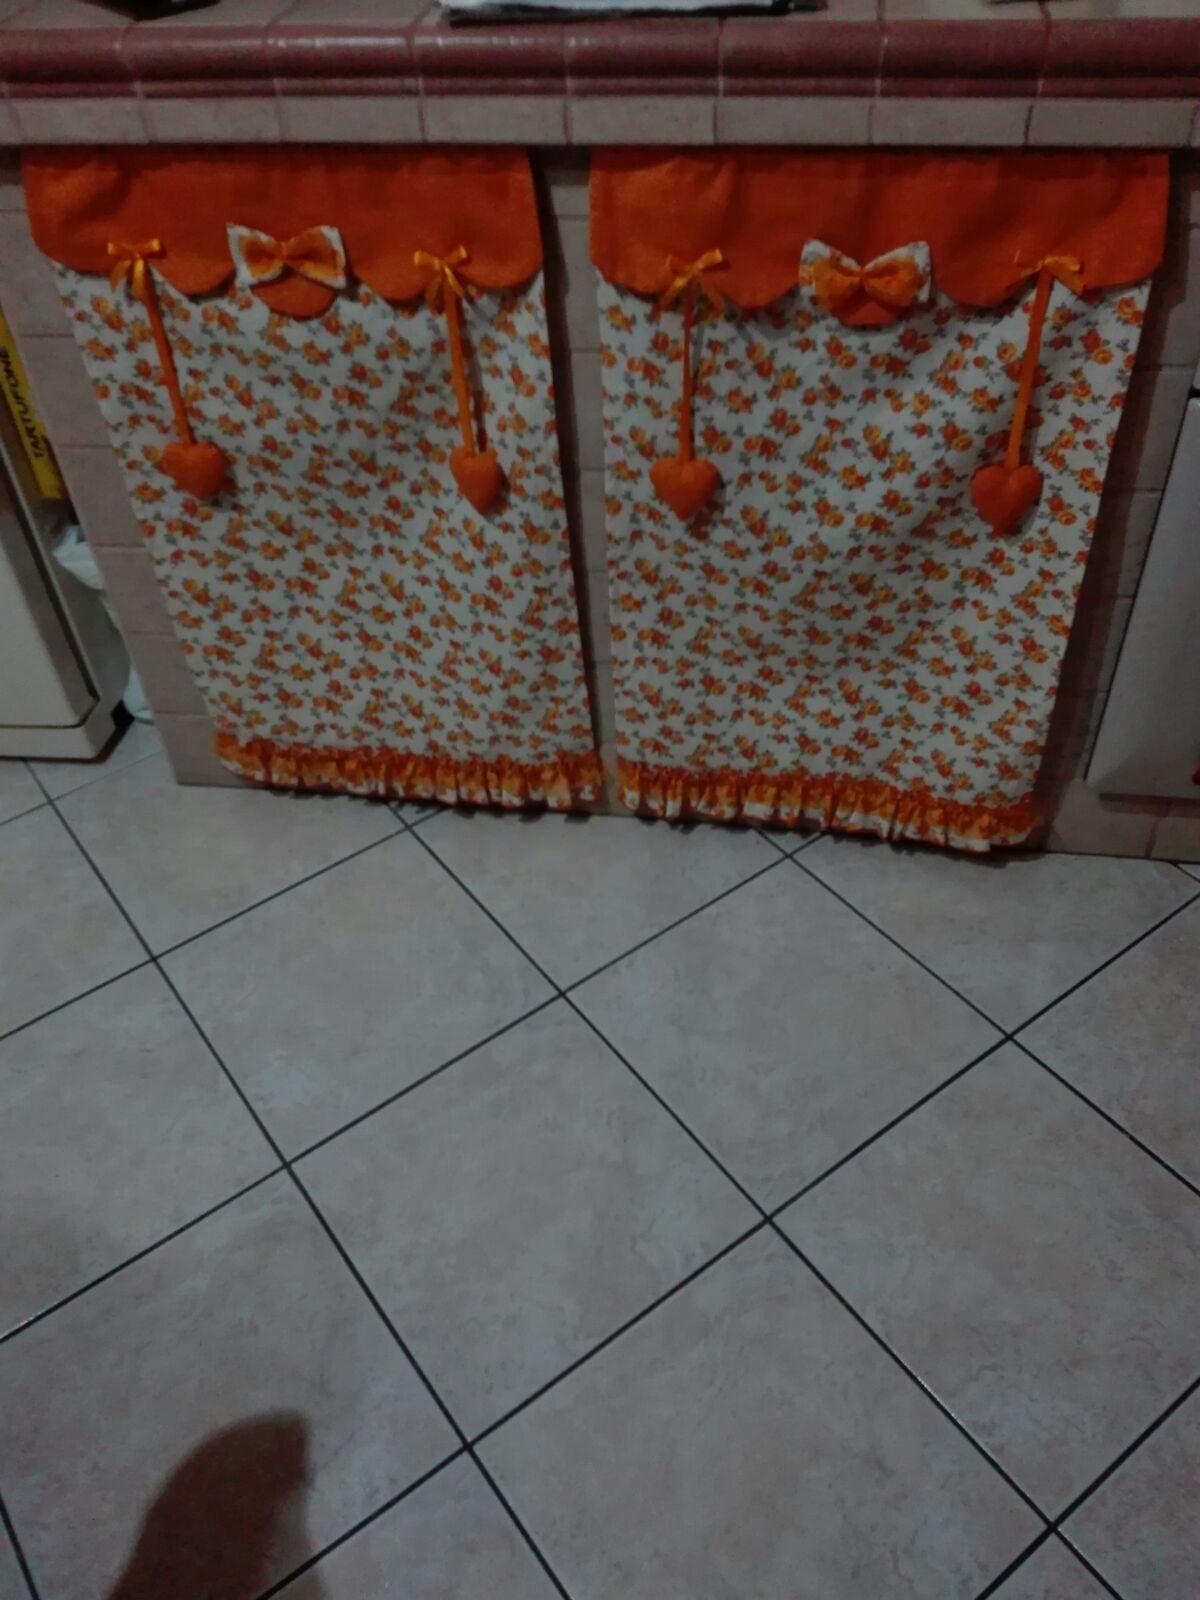 Tendine Per Cucina In Muratura. Top Tende Per Cucina Foto ...